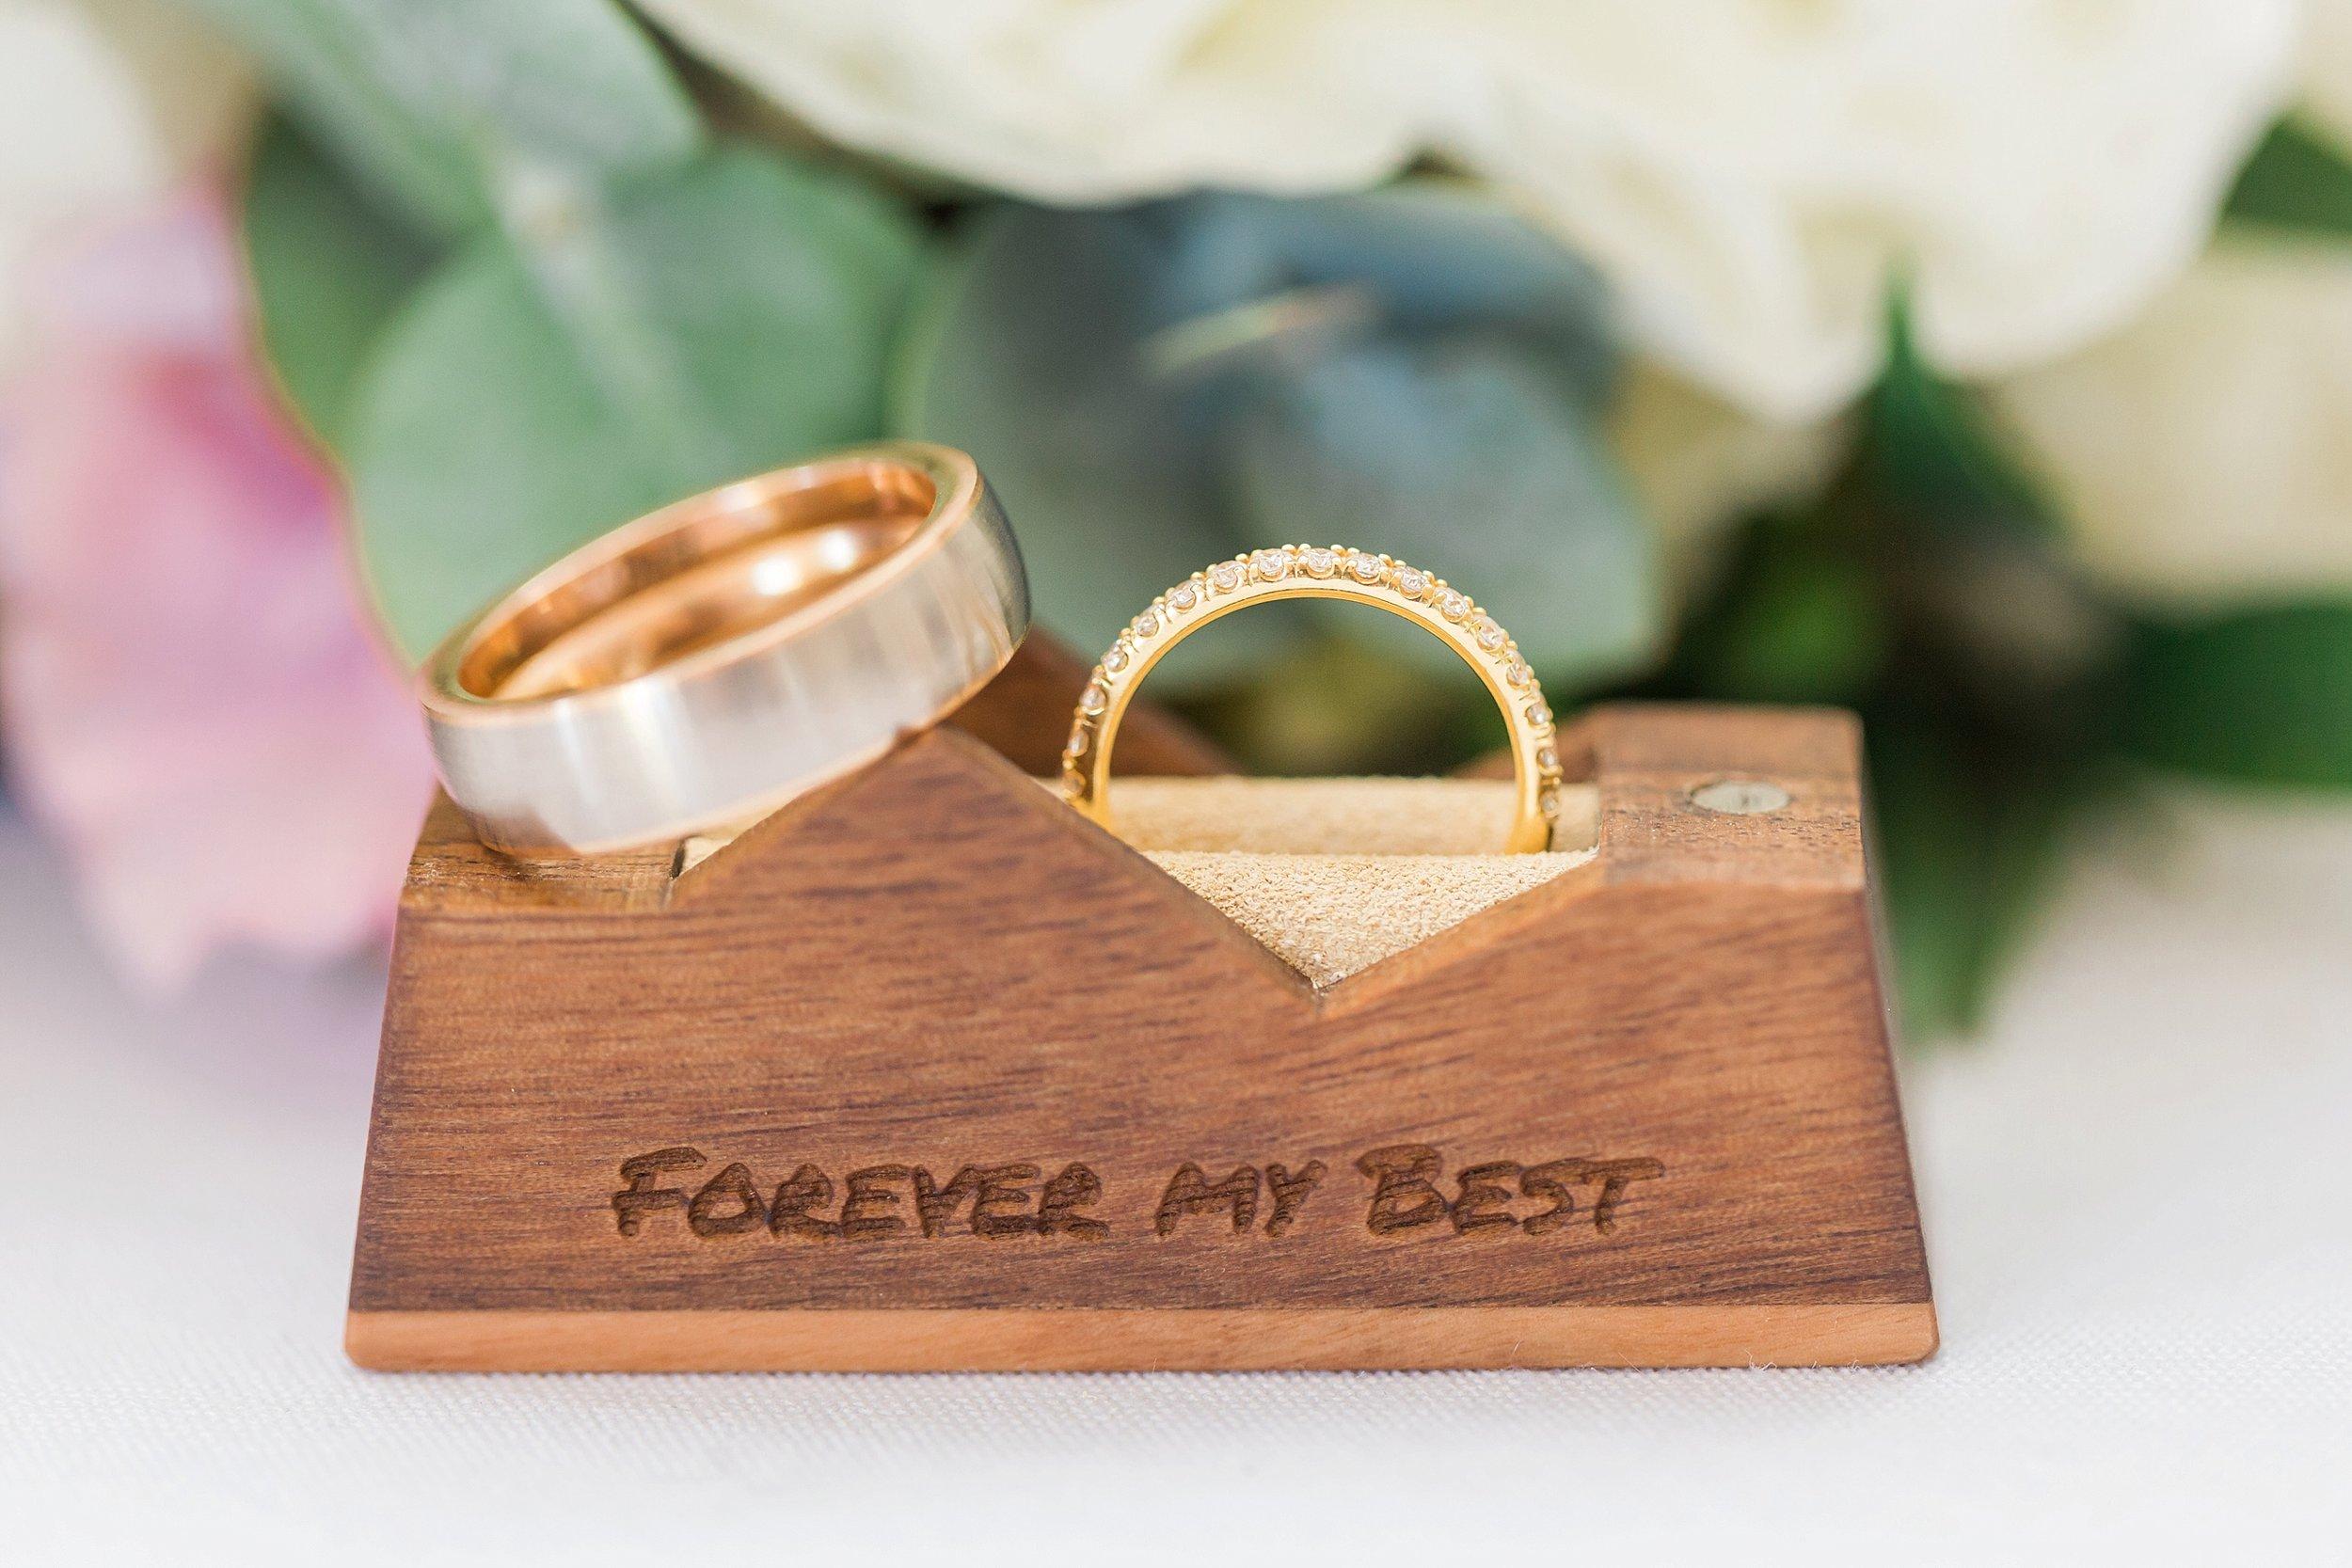 forever my best.jpg